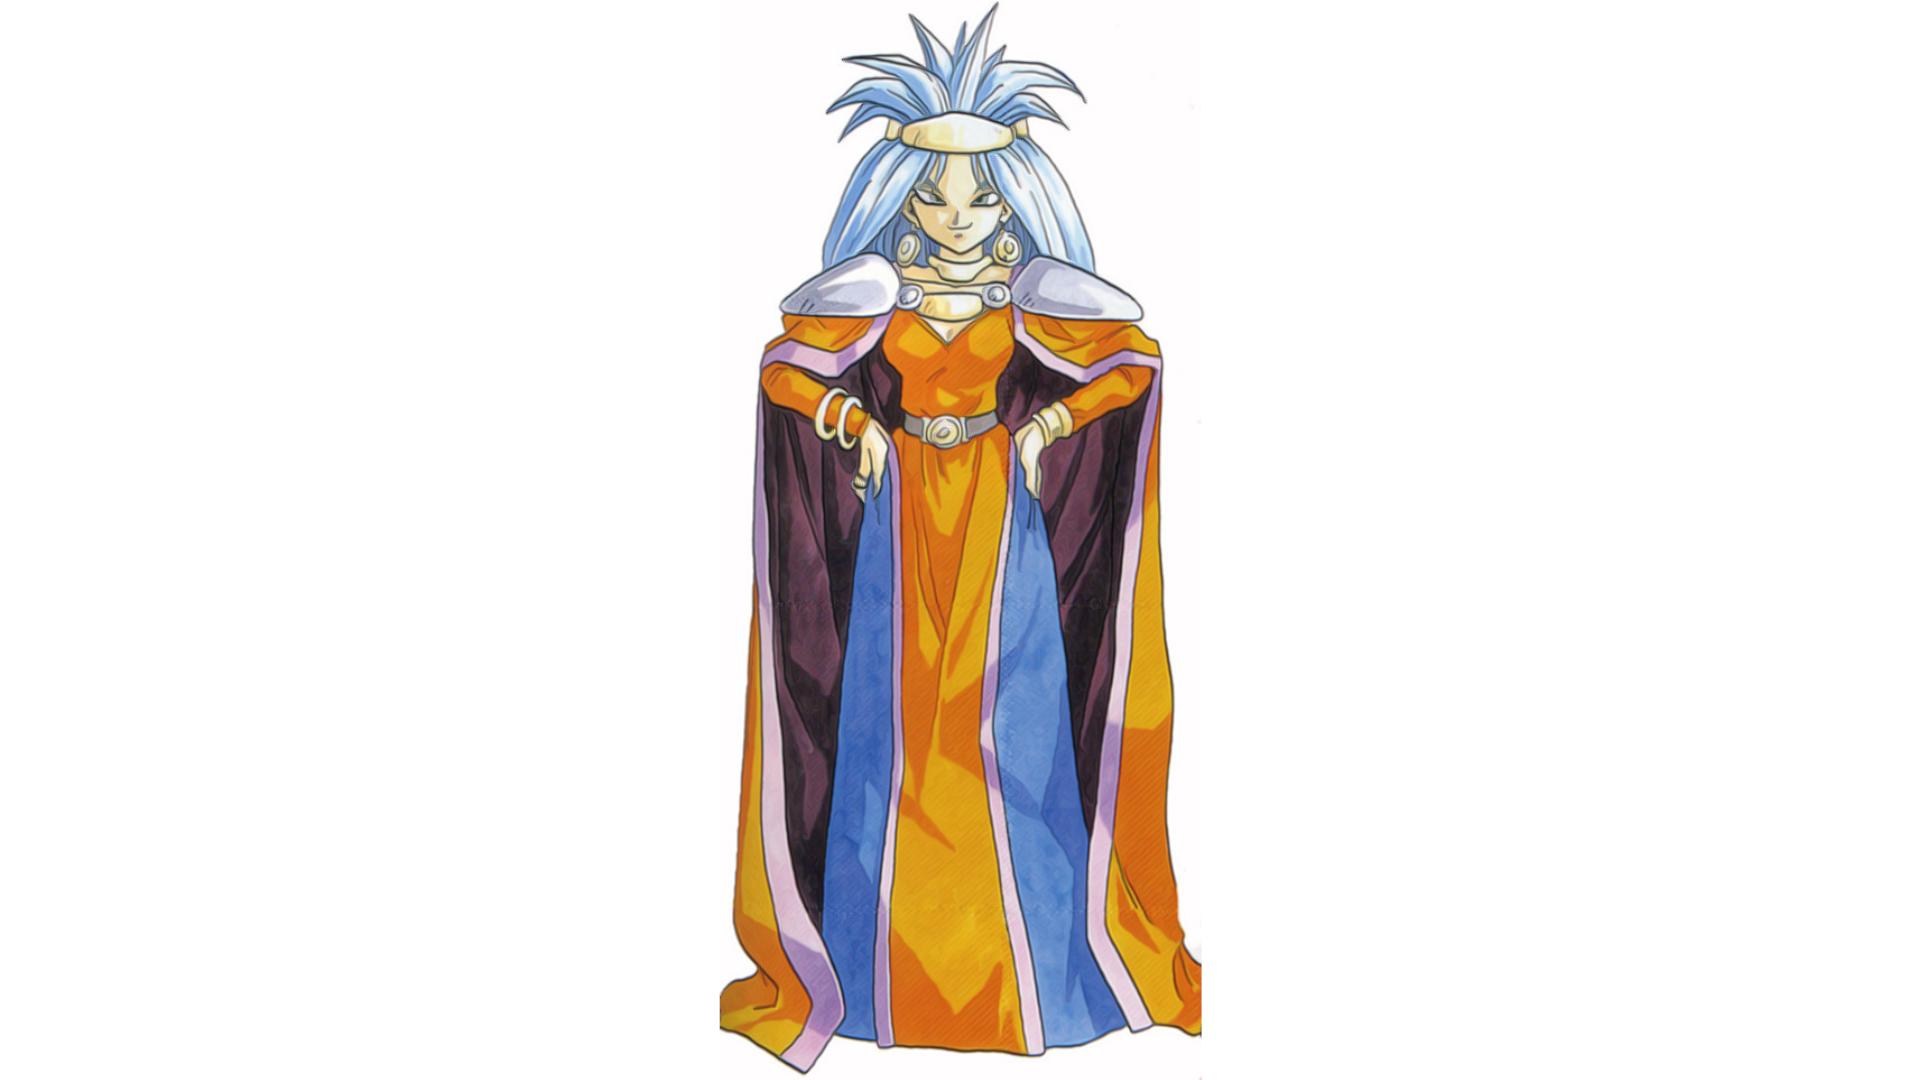 Zeal é uma rainha corrompida pelo poder (Foto: Divulgação/Square Enix)